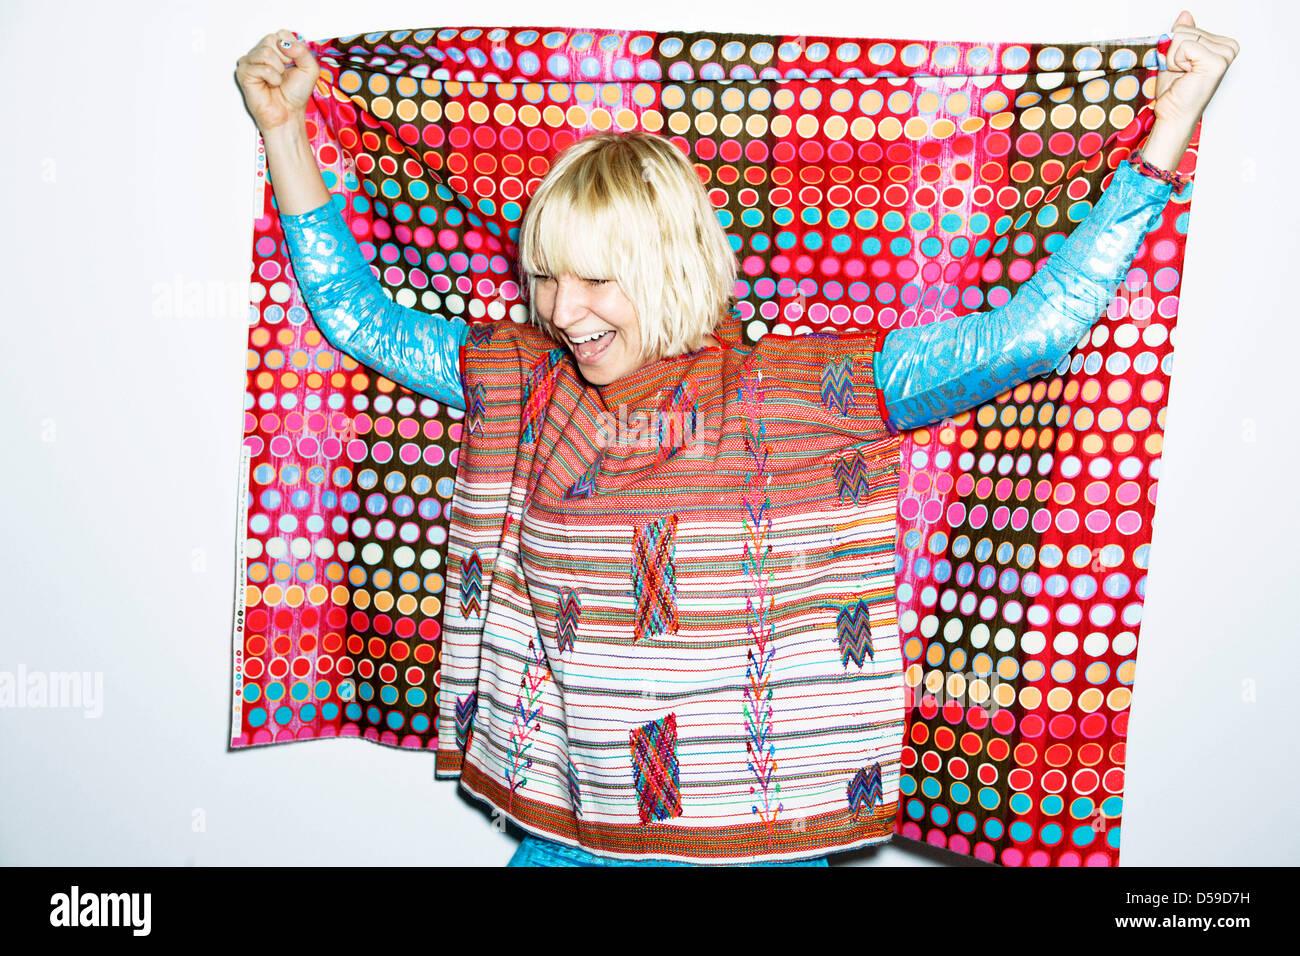 Eine undatierte RJ Shaughnessy/Sony Music Handout der australische Sängerin Sia. SIA durchläuft Therapie Stockbild